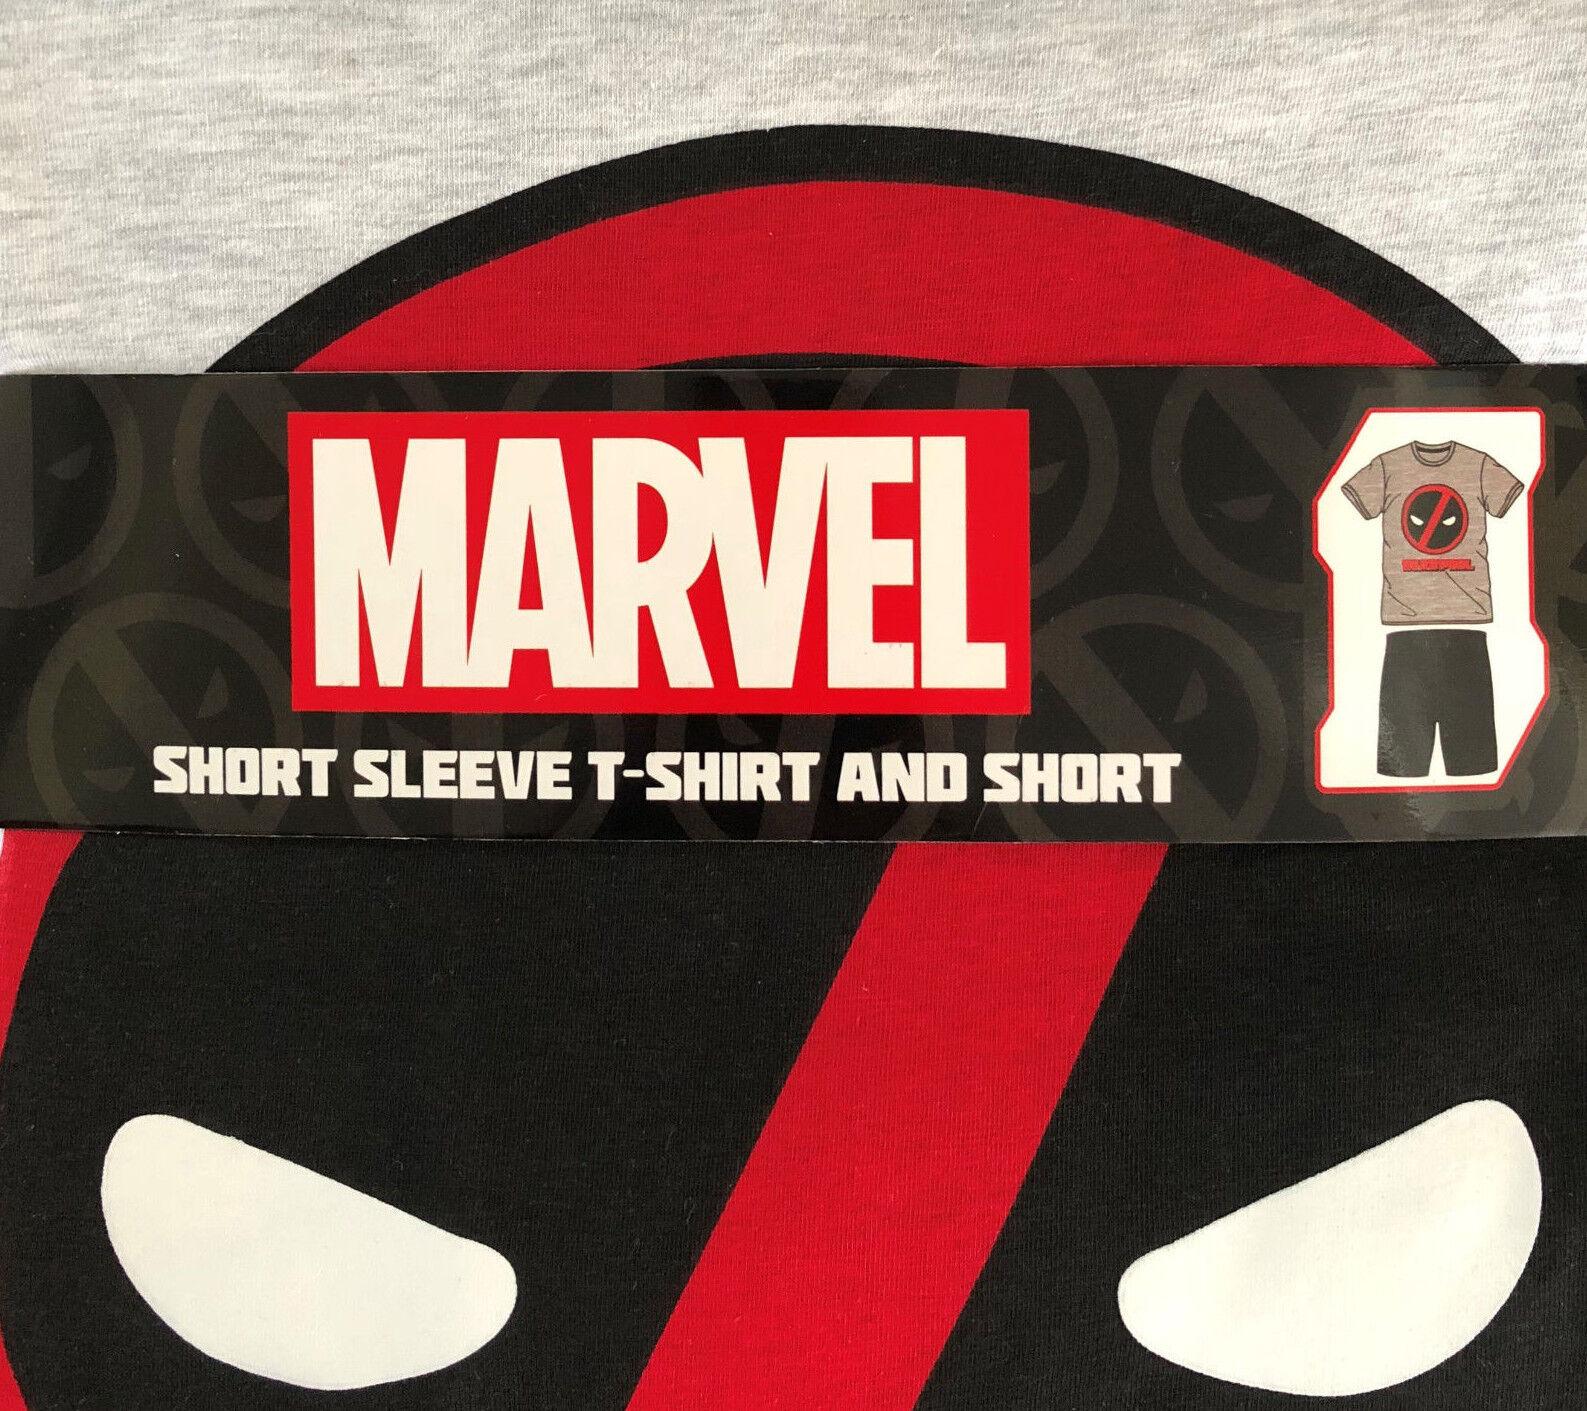 Mit freundlichen Grüßen Deadpool Marvel Erwachsene